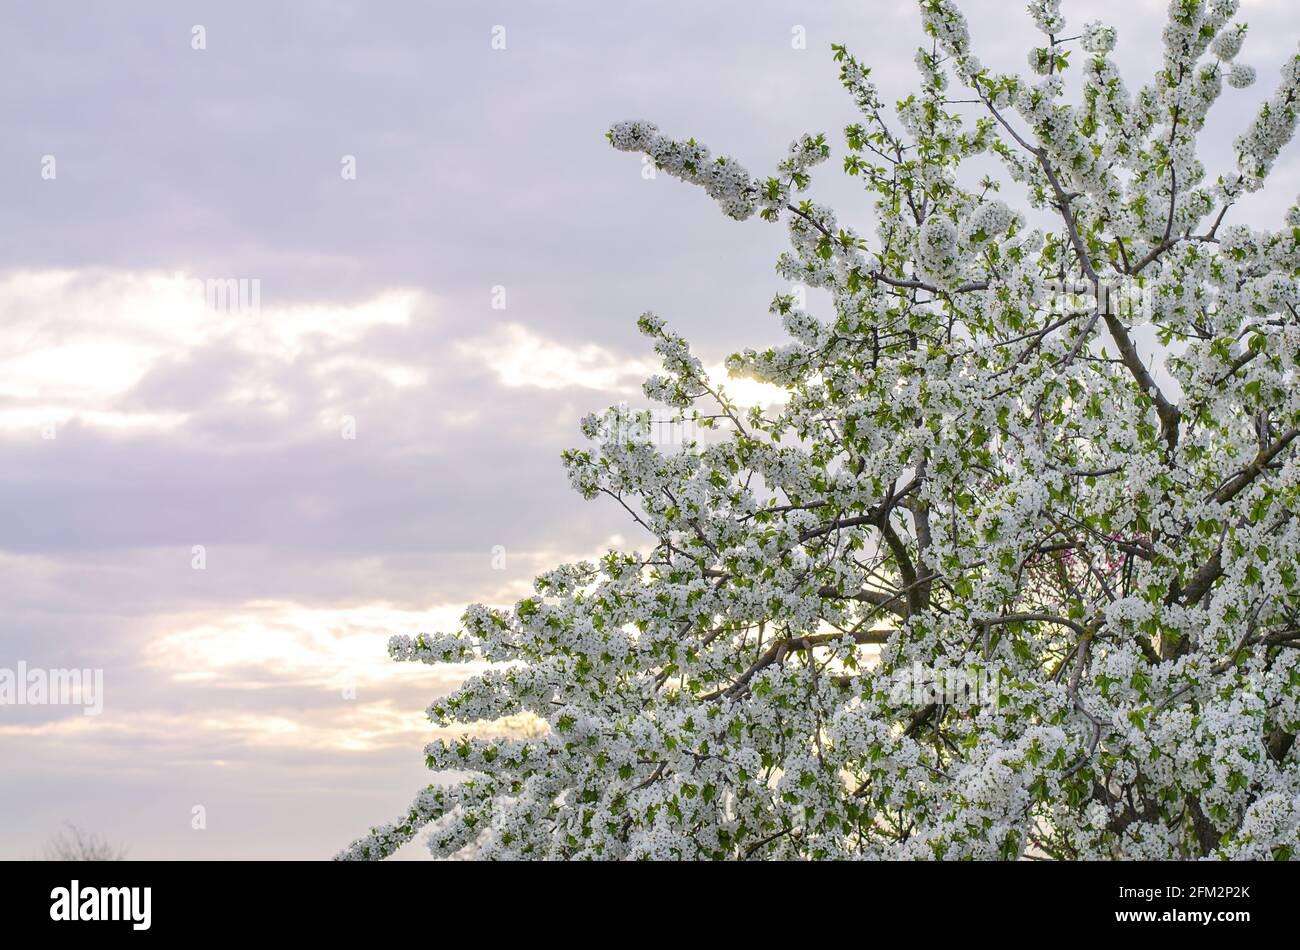 Cerezo en flor en el fondo del cielo de la puesta de sol de la noche. Brotes árboles florecientes. Concepto de primavera. Agricultura y agroindustria. Cultivo de cerr Foto de stock